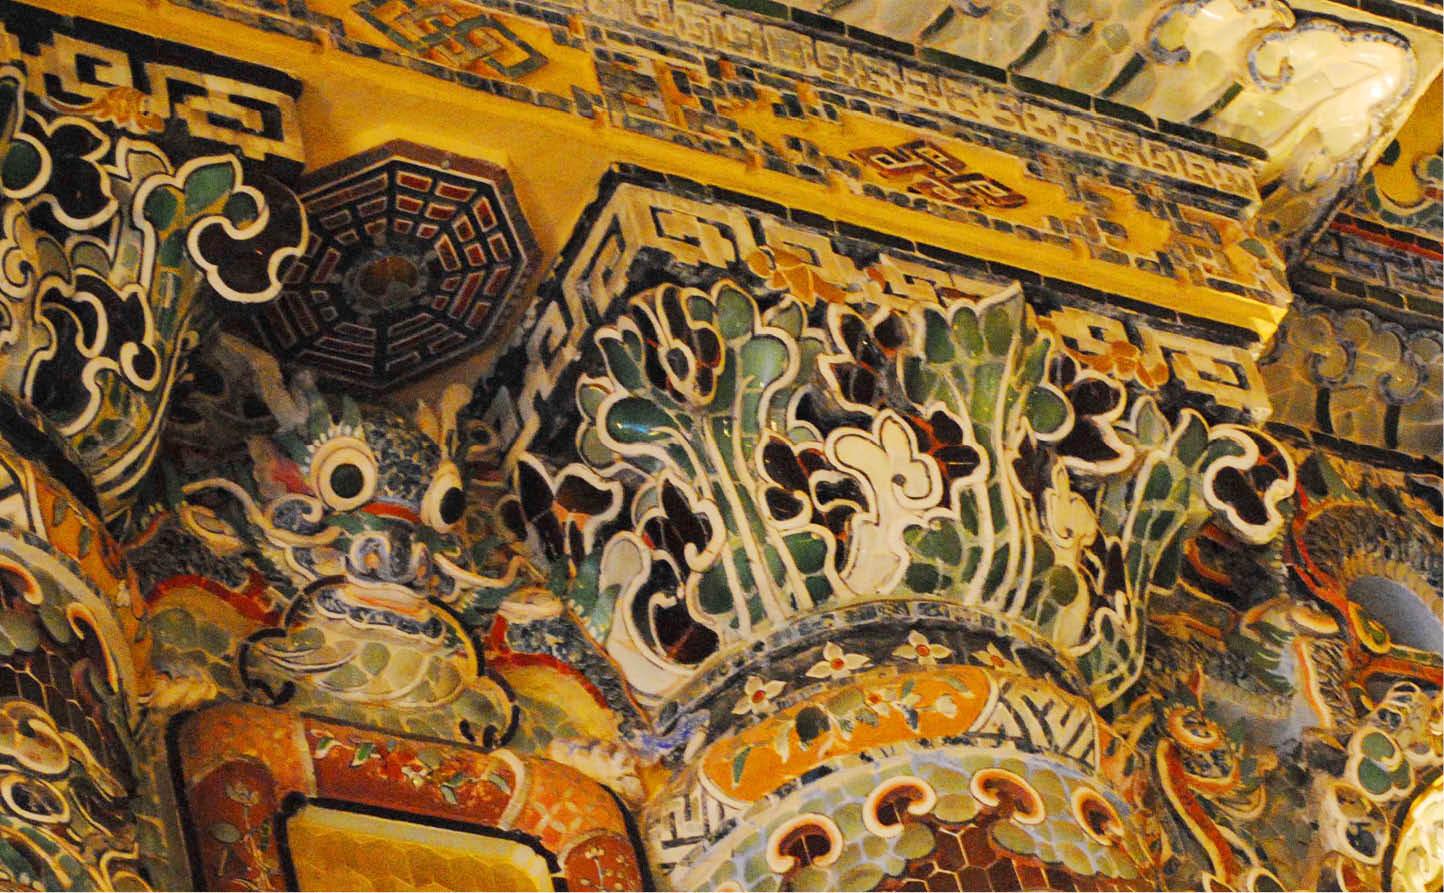 Vẻ đẹp Đông - Tây trong nghệ thuật trang trí Lăng Khải Định